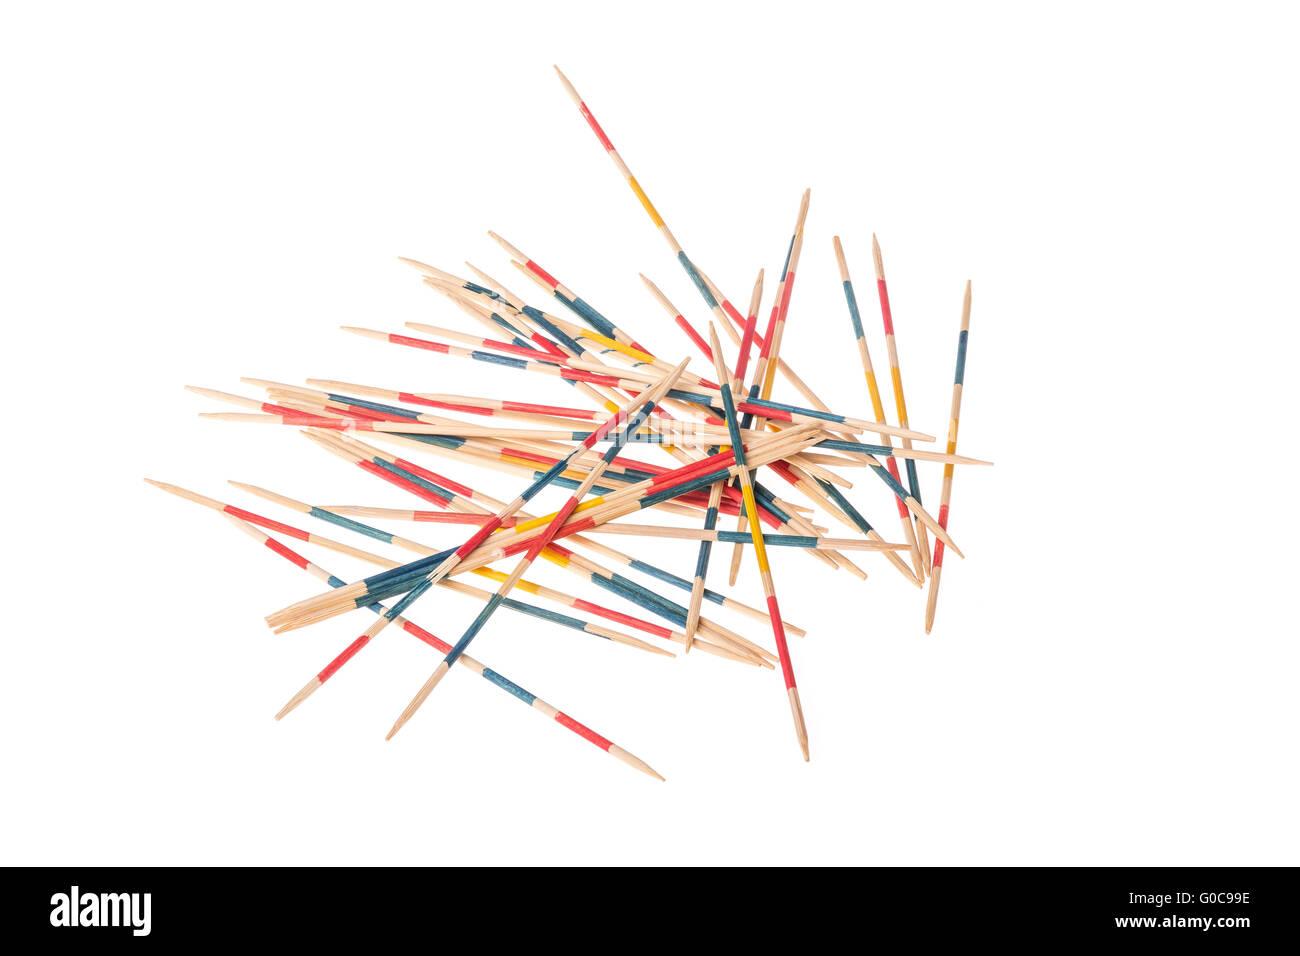 Flink Gefingert Stockfotos Bilder Alamy Wiring Diagram Es Gibt Viele Mikado Auf Einem Weien Hintergrund Angeordnet Stockbild